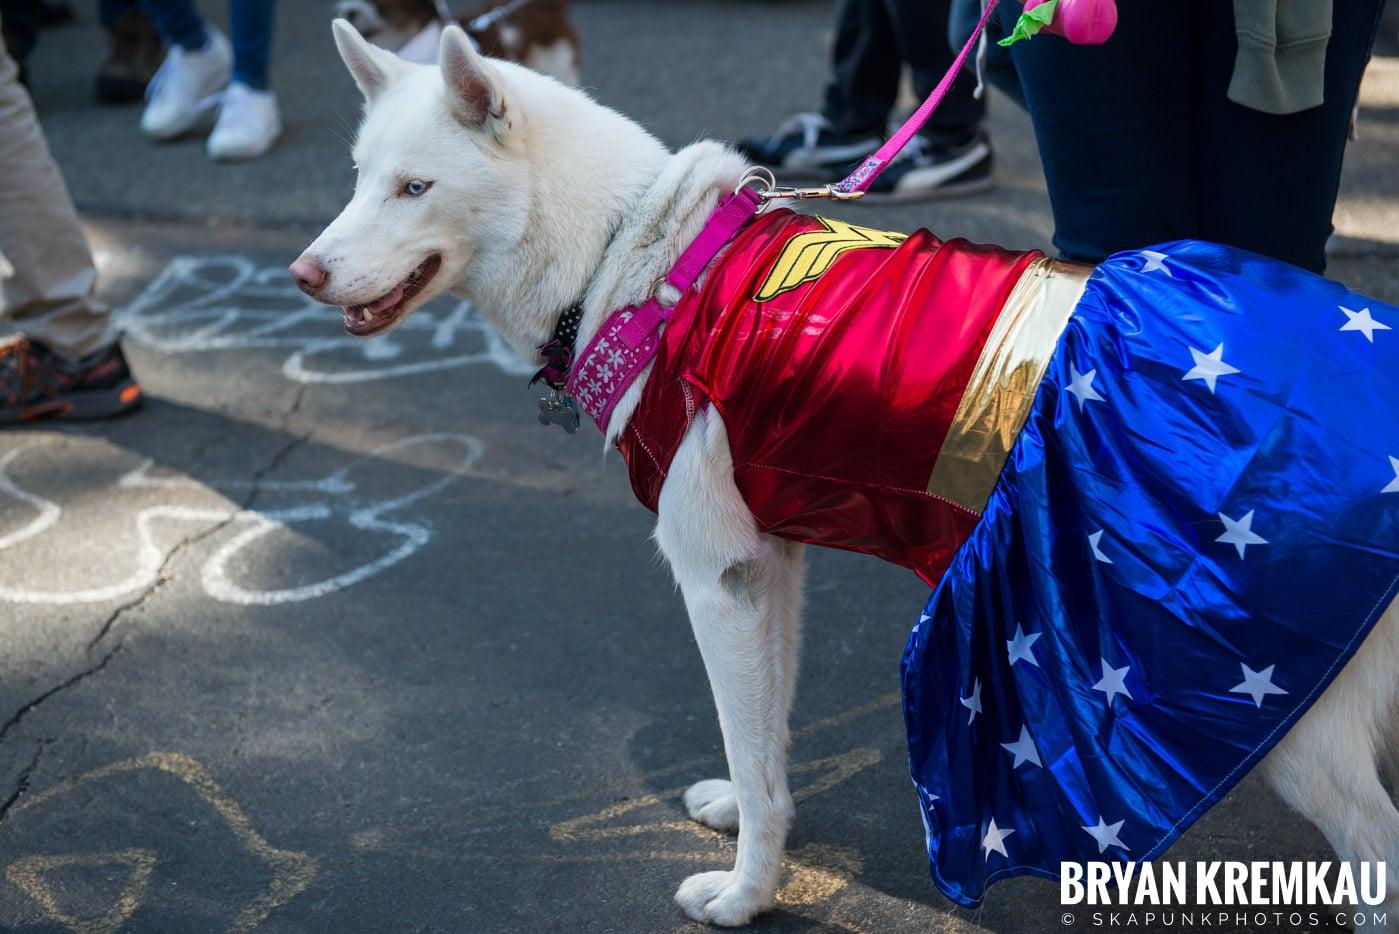 Tompkins Square Park Halloween Dog Parade 2017 @ Tompkins Square Park, NYC - 10.21.17 (39)